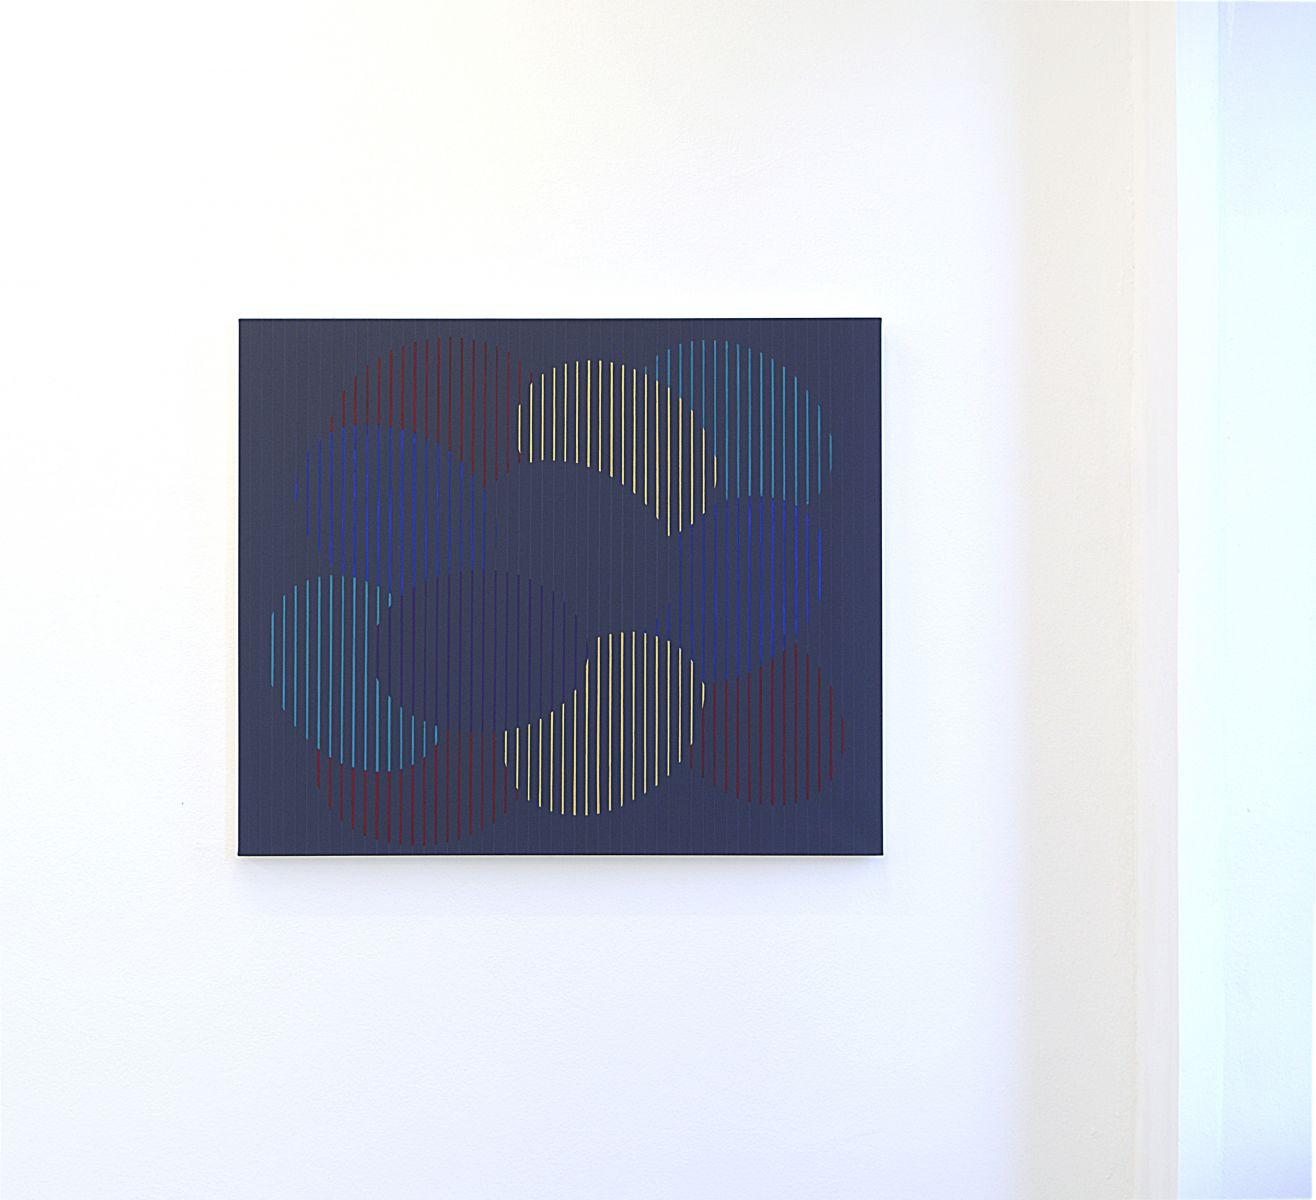 Bregenz-Ausstellung Christian Eder-Palais Thurn & Taxis-Ovalformation